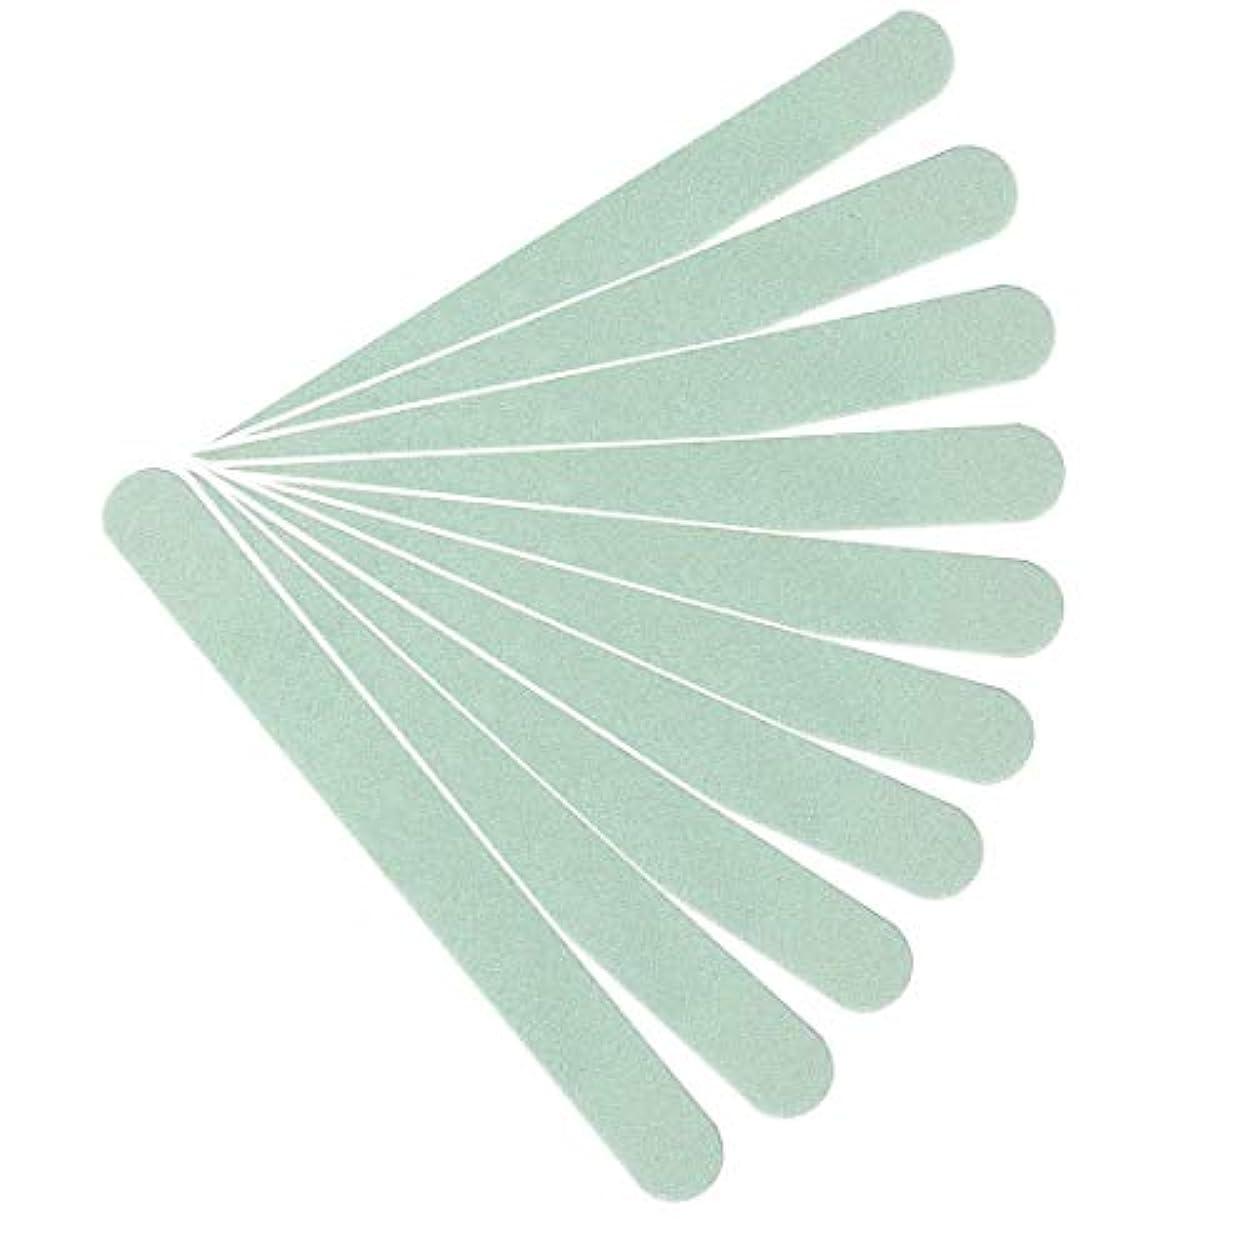 ネックレット湿気の多い臭い【kimari】(10本セット)kmr-005ネイルシャイナー 600/3000グリット スポンジファイル ソフトファイル ネイルポリッシュファイル